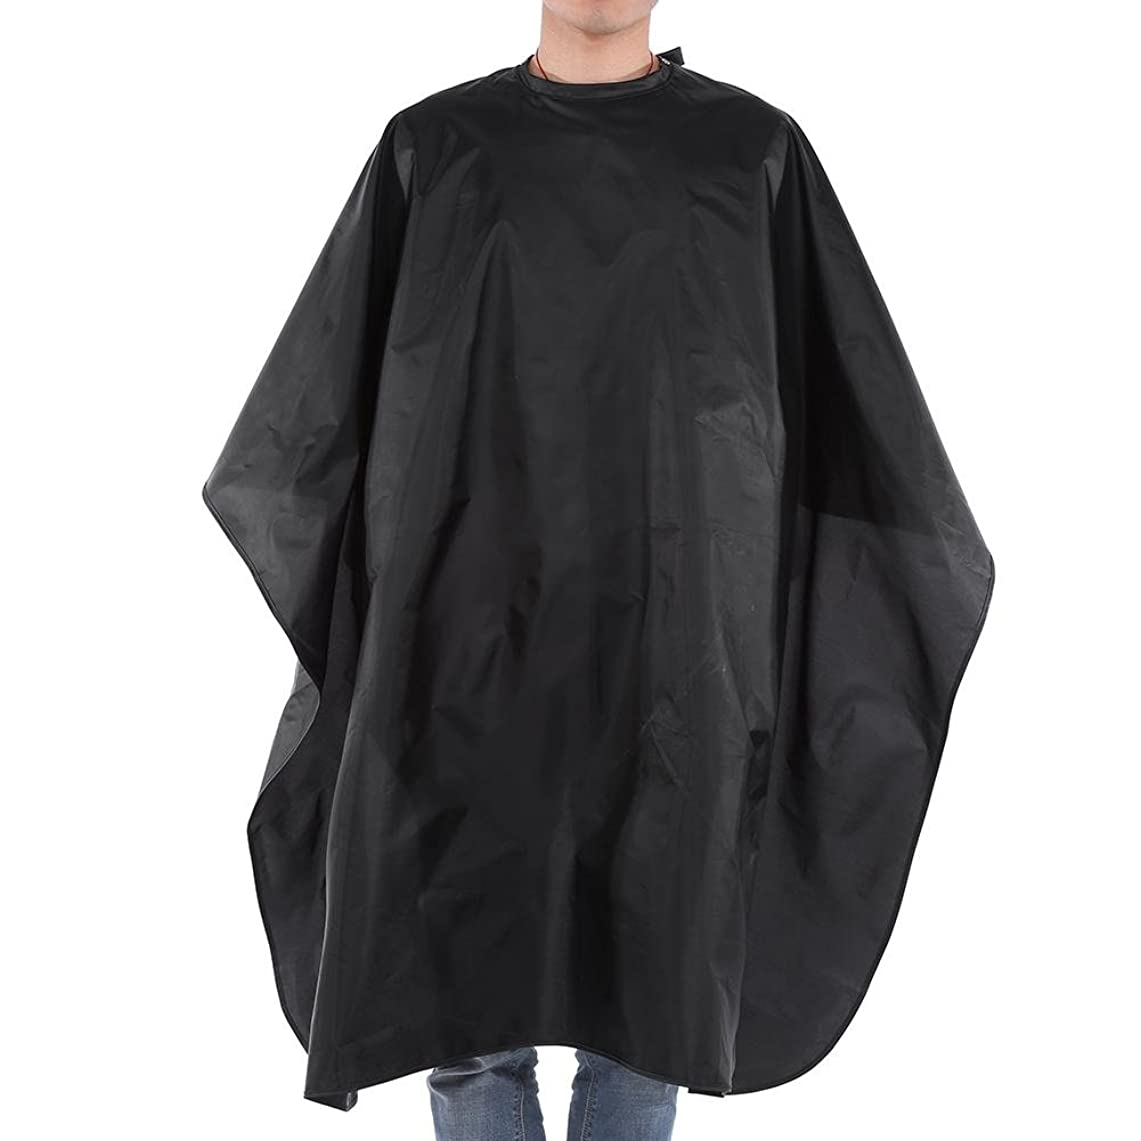 回復する障害者統計理容室スタイリングケープ、ブラックサロンヘアカット理髪理髪店ケープガウン大人の布防水スナップクロージャー59×47インチ